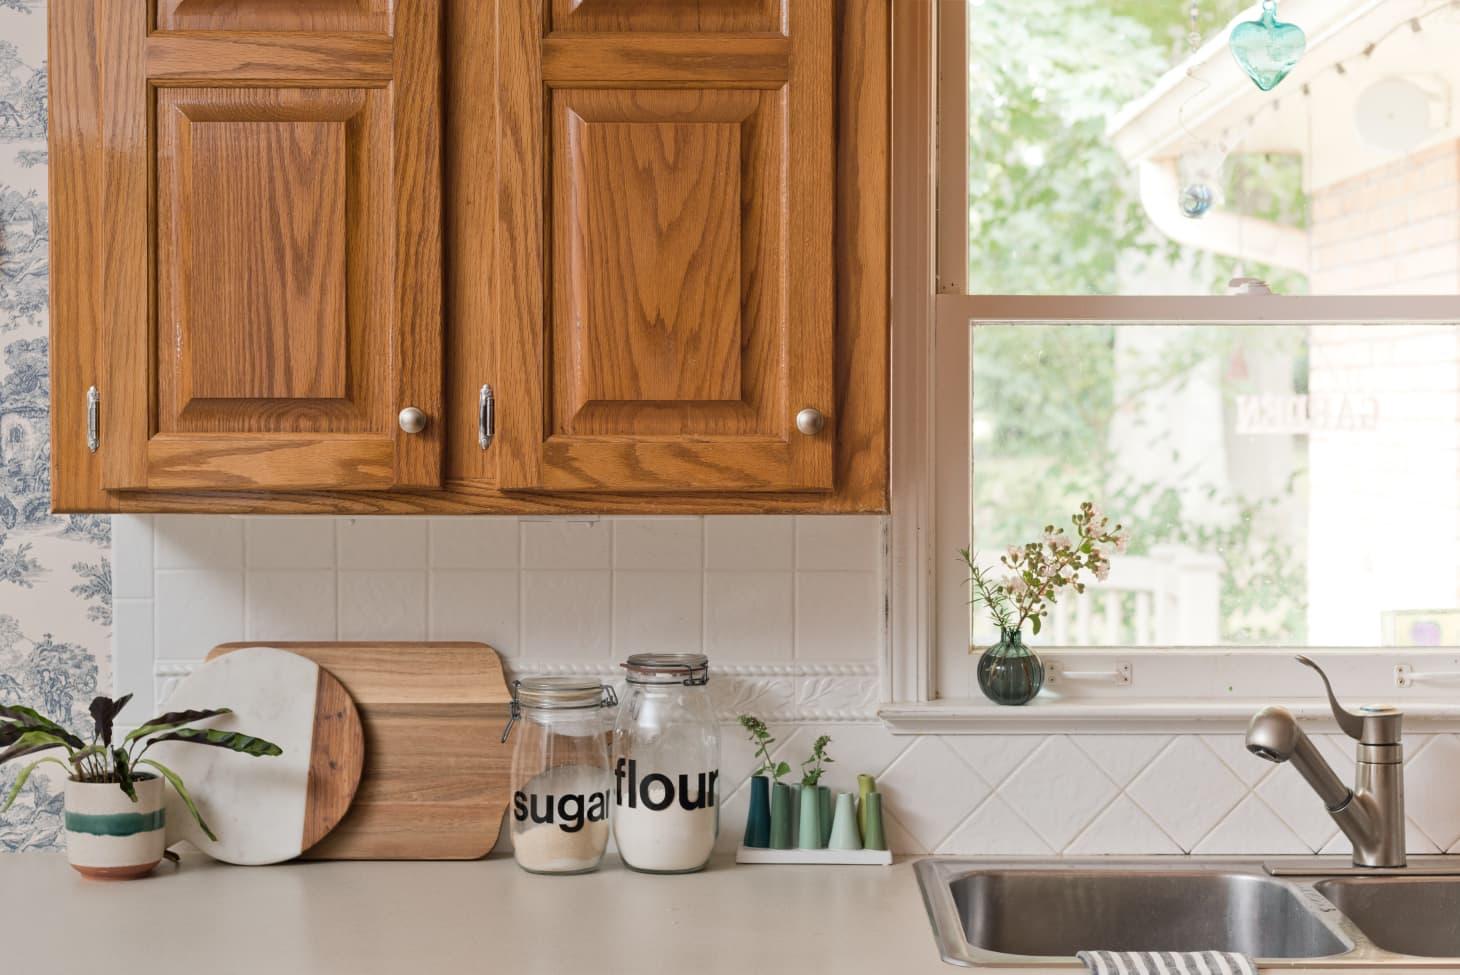 Best Ways To Clean Greasy Kitchen Cabinets Kitchn